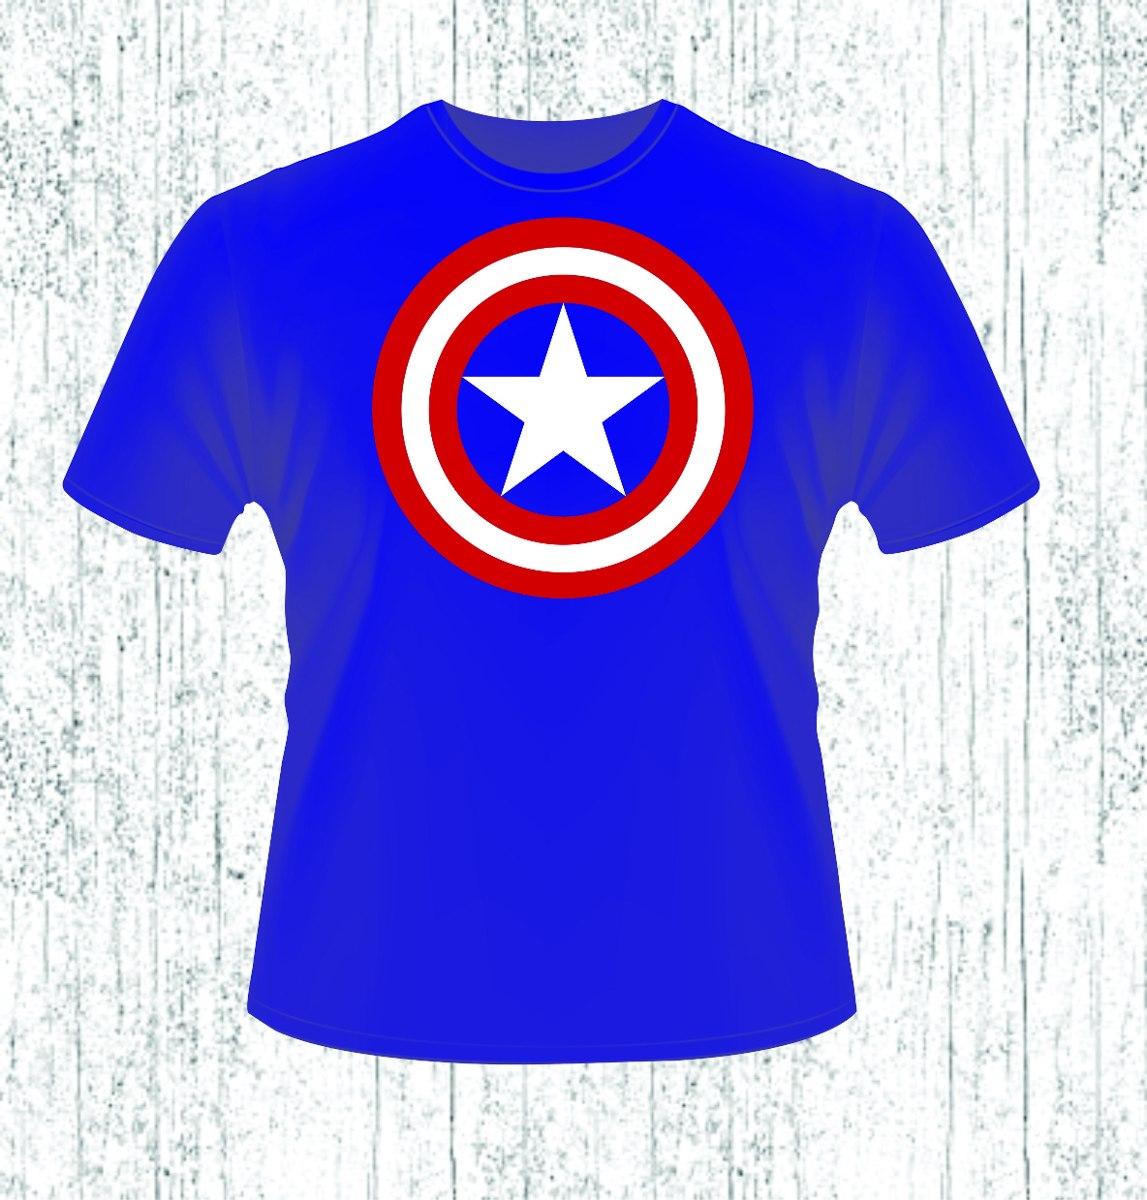 Playera Logo Capitán America -   150.00 en Mercado Libre 3059d00067d1c